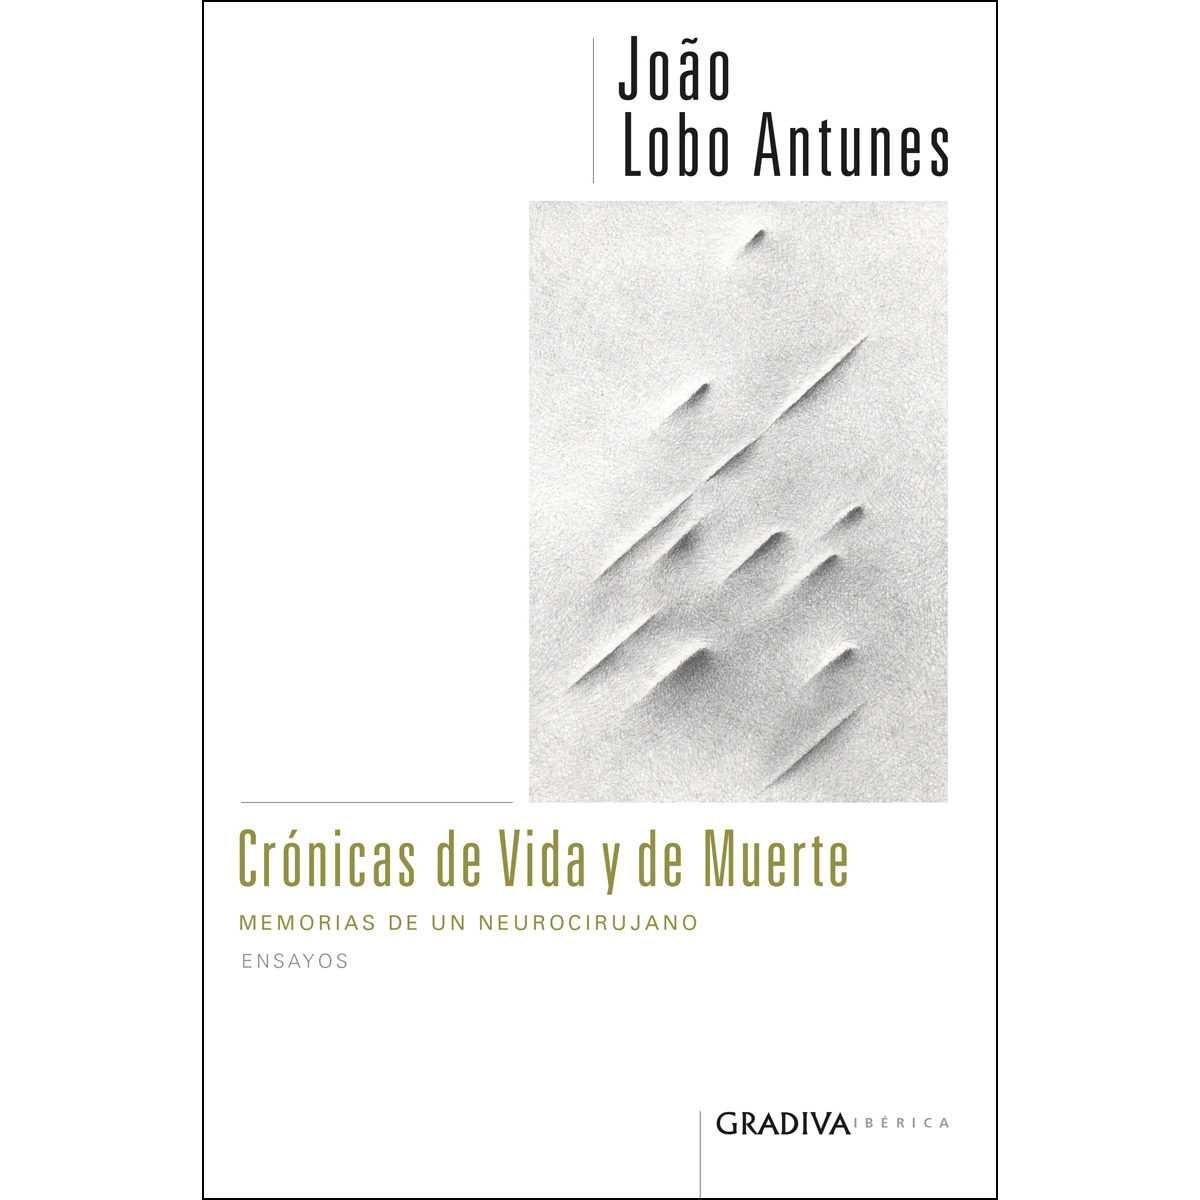 Cronicas de vida y de muerte - Lobo Antunes, Joao